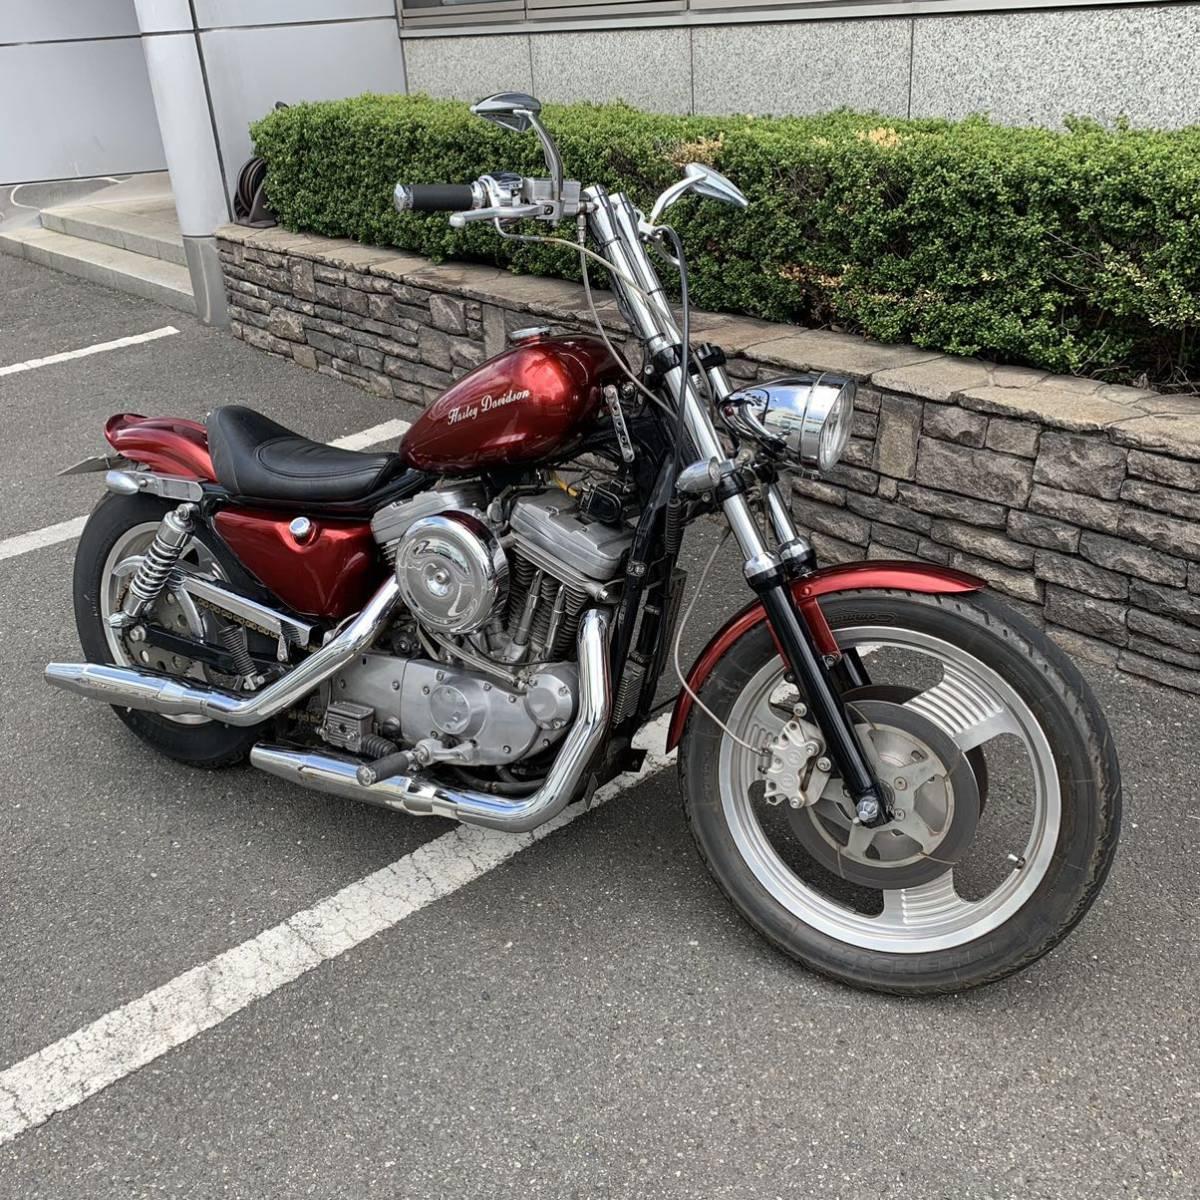 「奈良県 ハーレーダビッドソン スポーツスター 883 1200 フルカスタム」の画像1